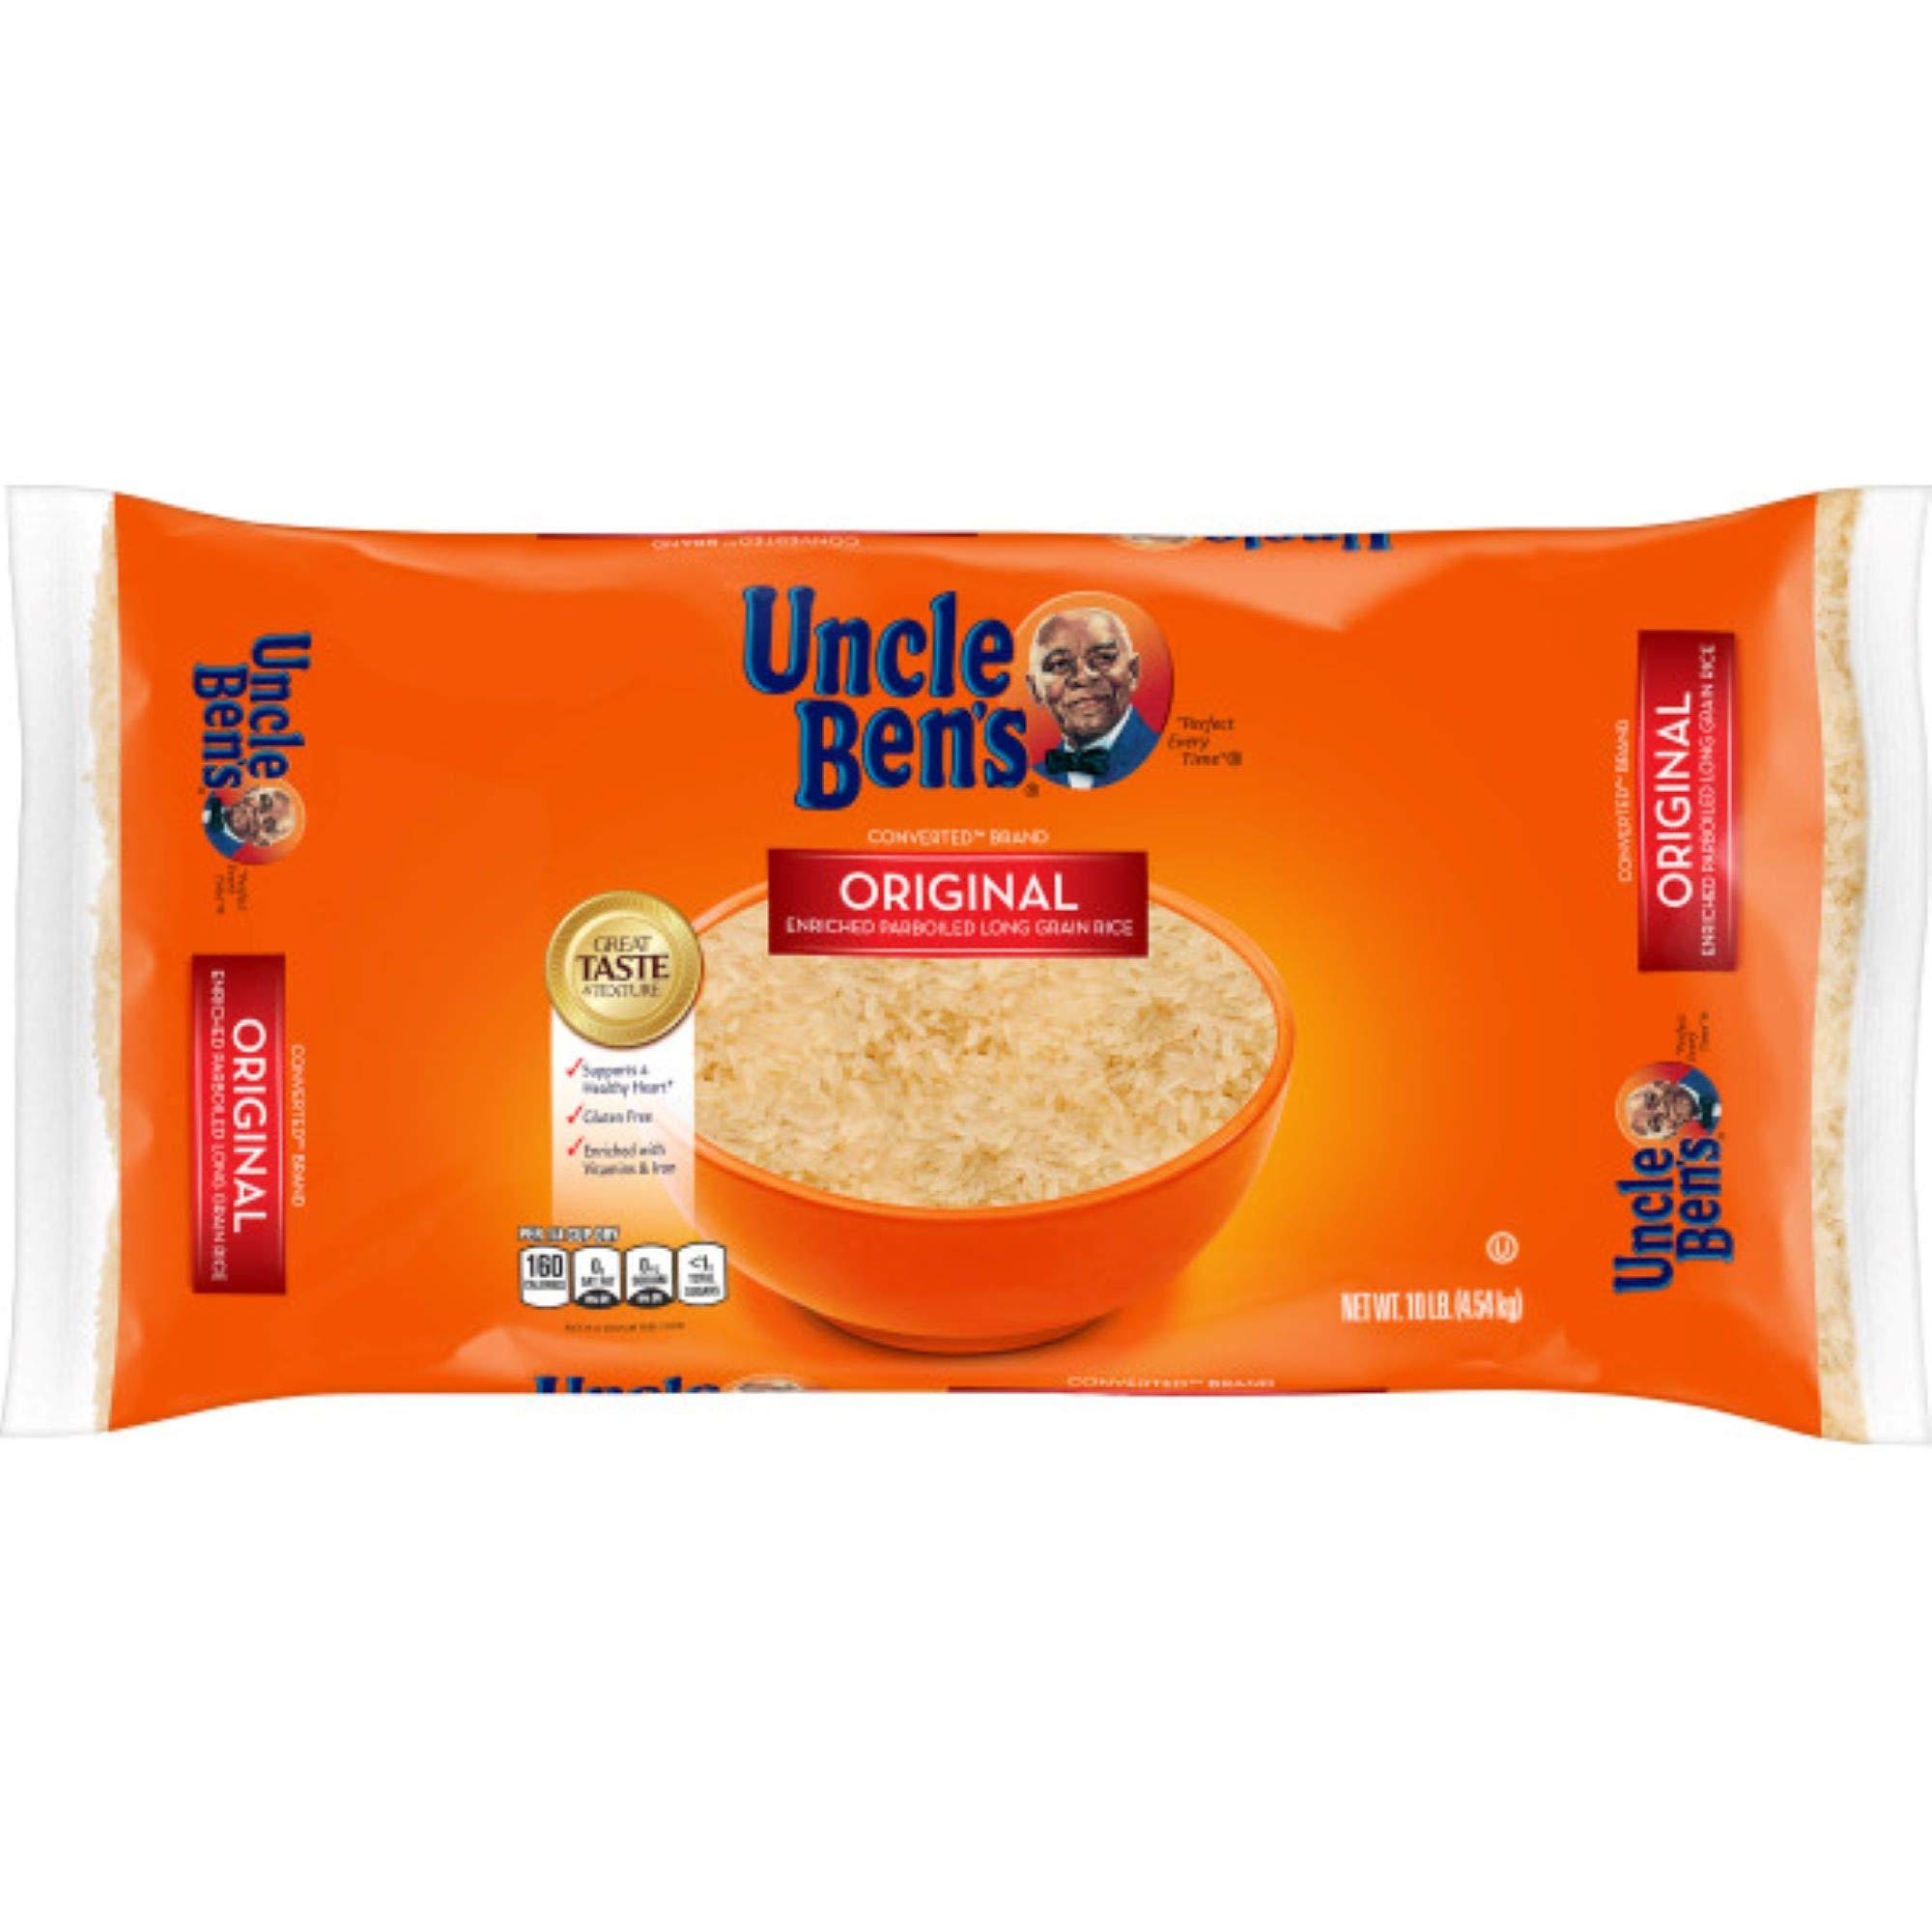 UNCLE BEN'S Original Converted Long Grain Rice Bag, 10 pounds